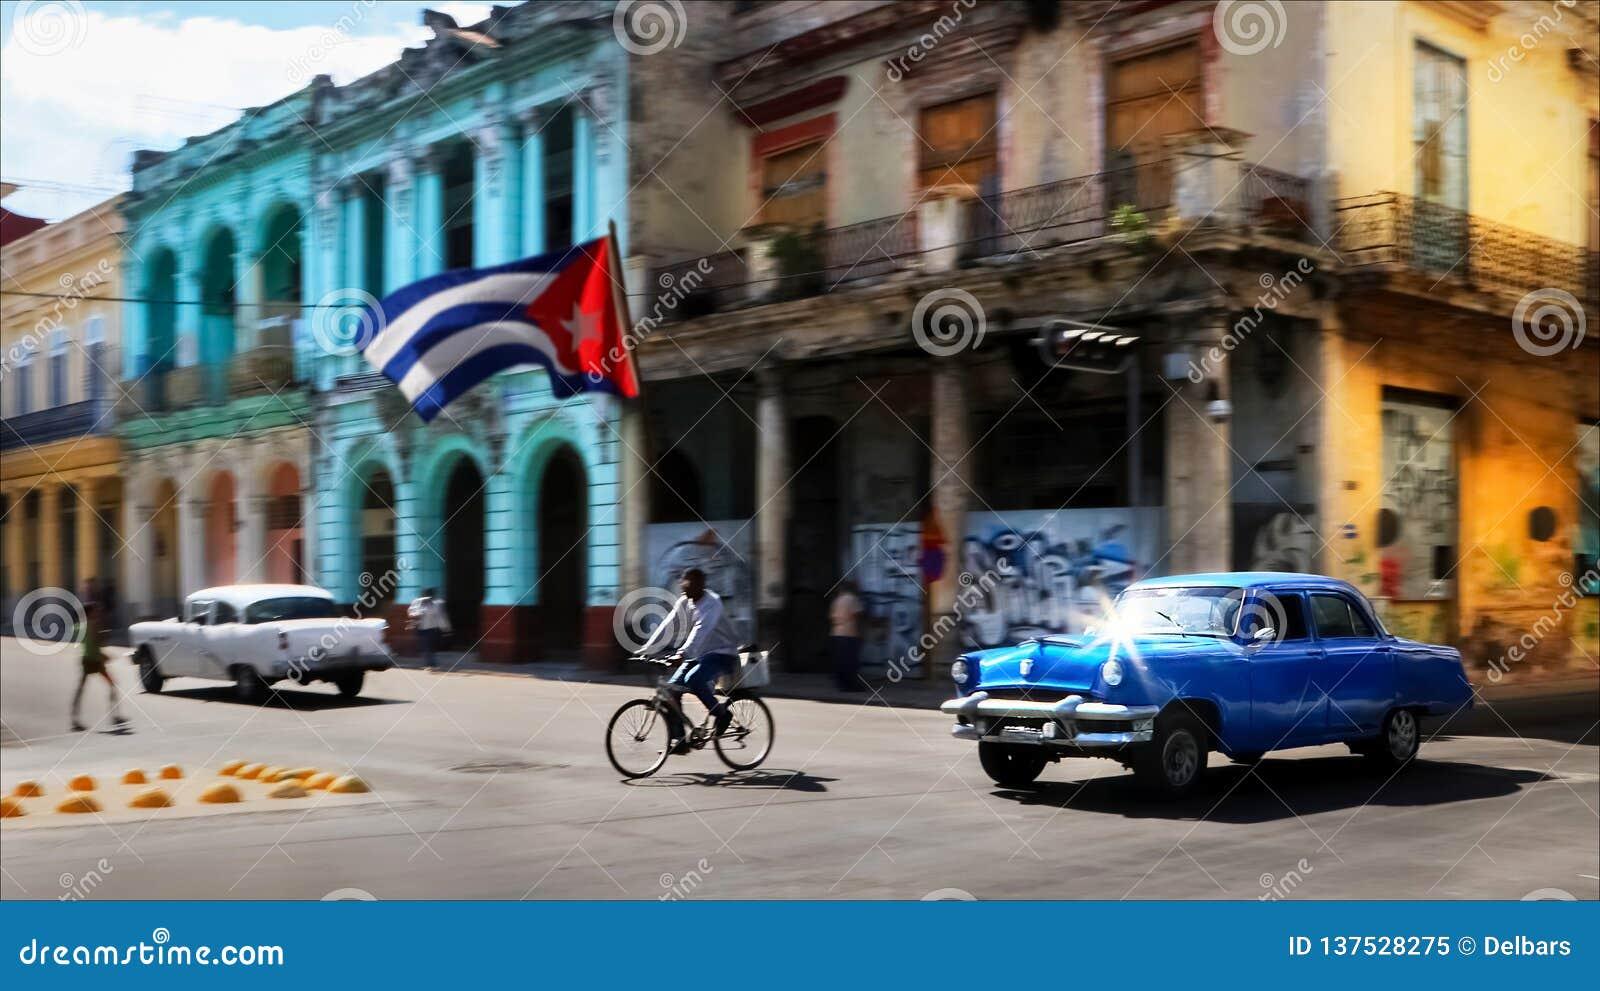 CUBA, HAVANA - JANUARI 16, 2019: Oude Amerikaanse blauwe auto en mensen in de oude stad van Havana